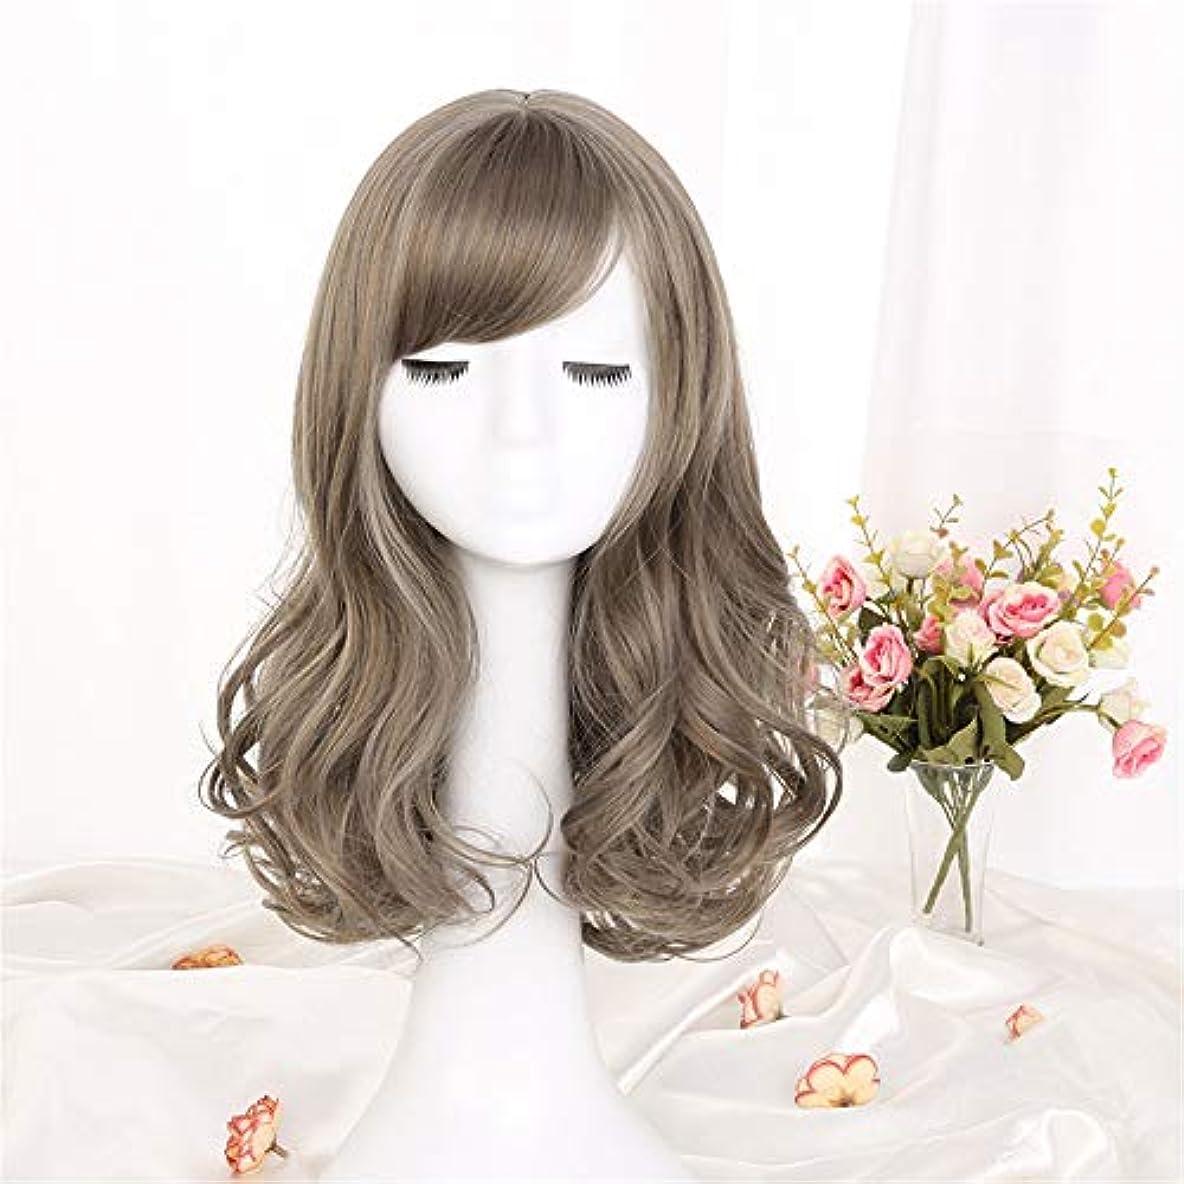 ラリーくしゃみ核ウィッグ髪化学繊維フードミディアム長波高温合成繊維ウィッグ女性用ウィッググリーンウッドリネンアッシュ42cm